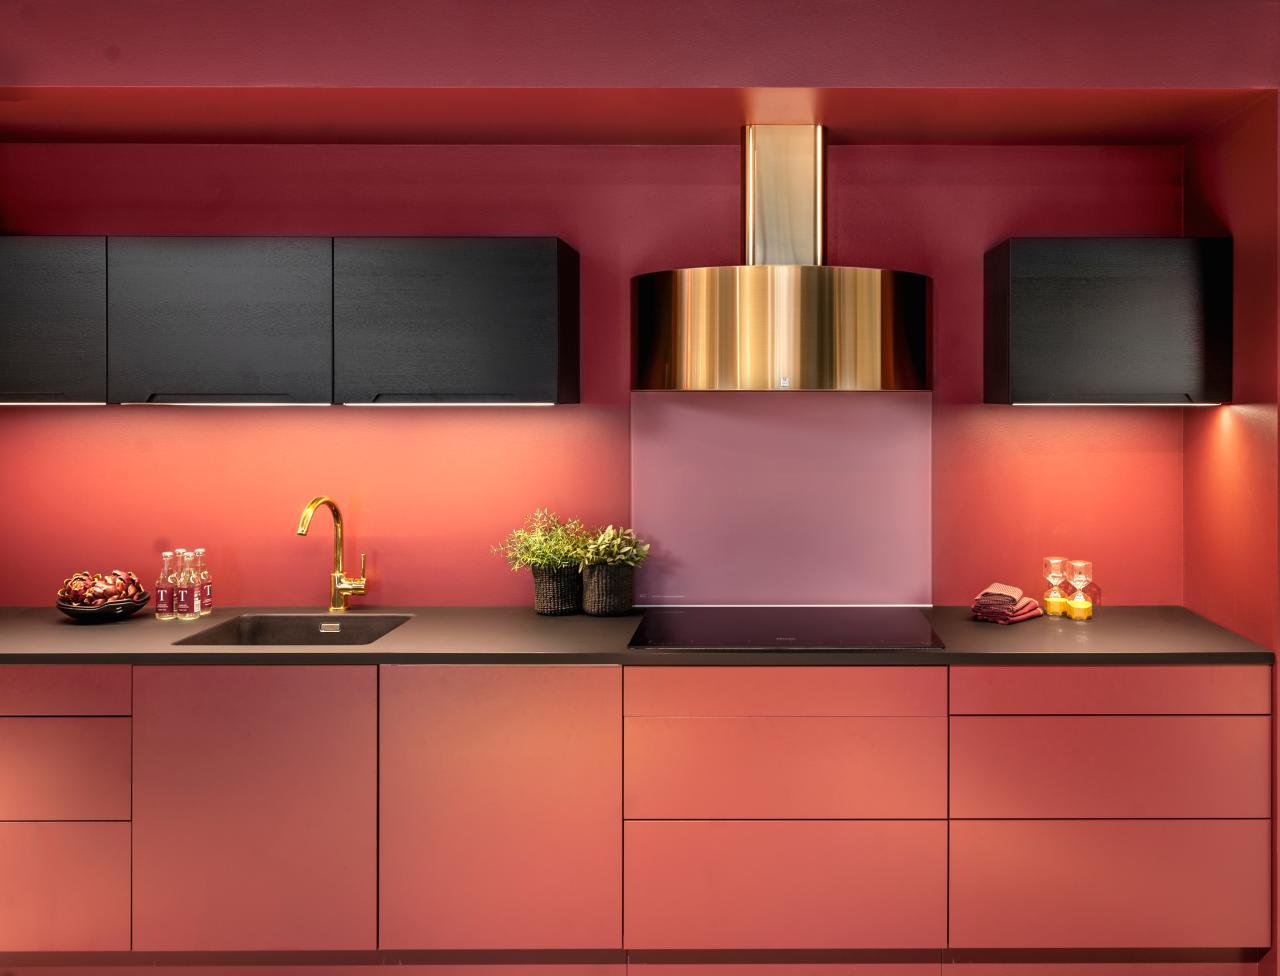 Kjøkkenviften dekorerer kjøkkenet  i tillegg til å fjerne os og matlukt. Foto: Røroshetta